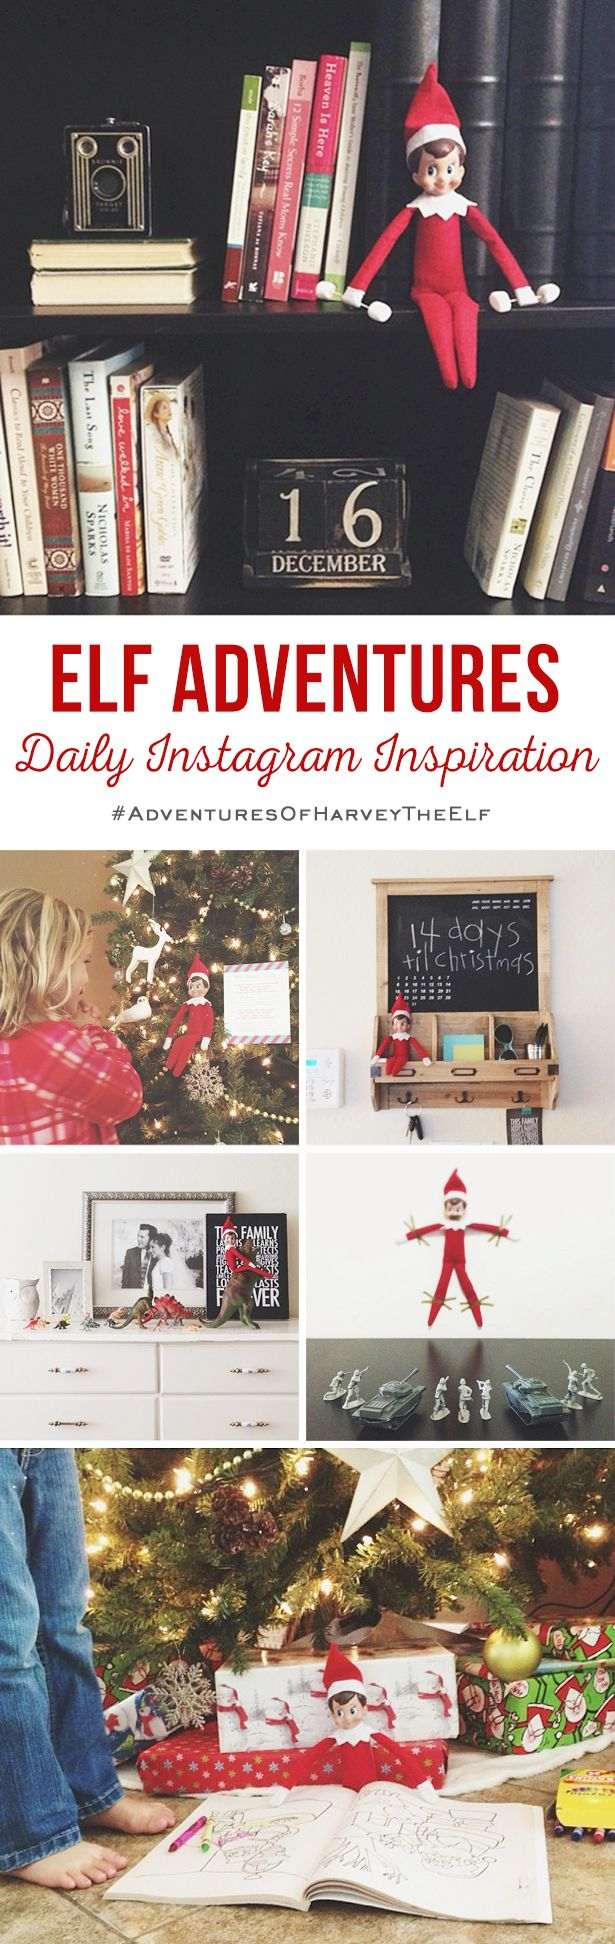 elf adventures